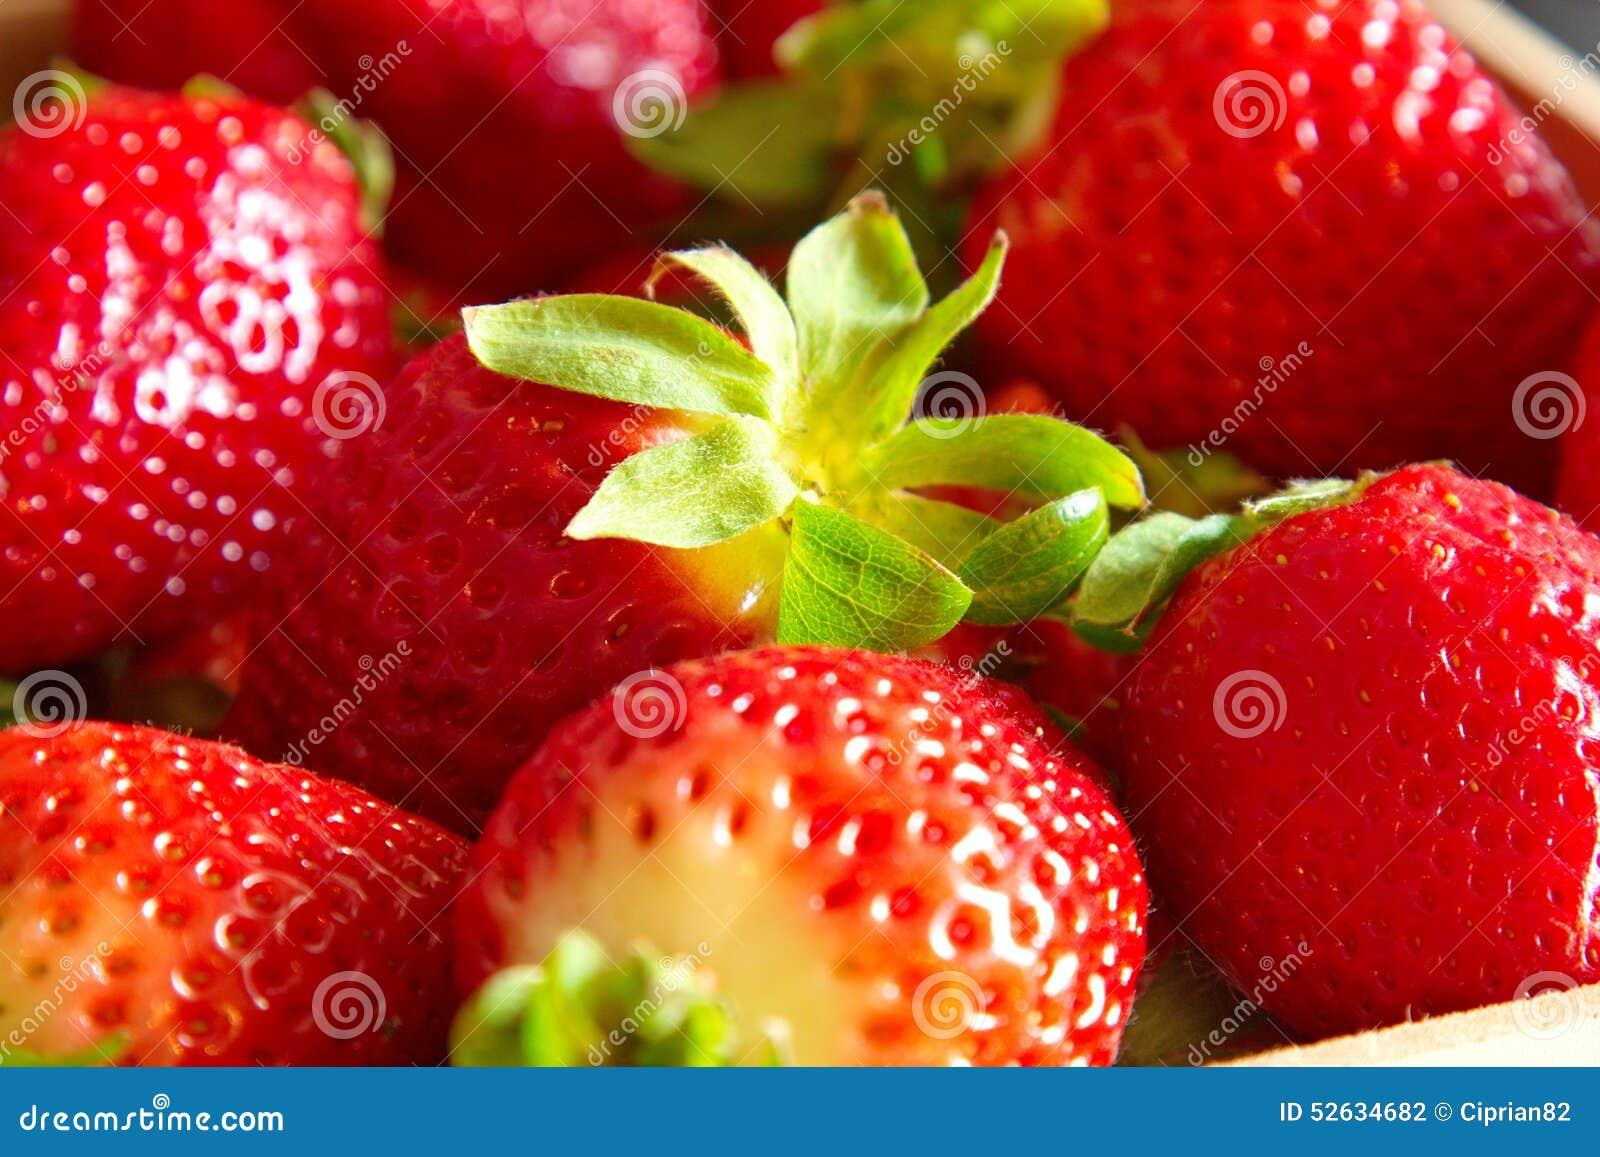 δεδομένου ότι η ανασκόπηση μπορεί να κλείσει τη φράουλα επάνω στη χρήση